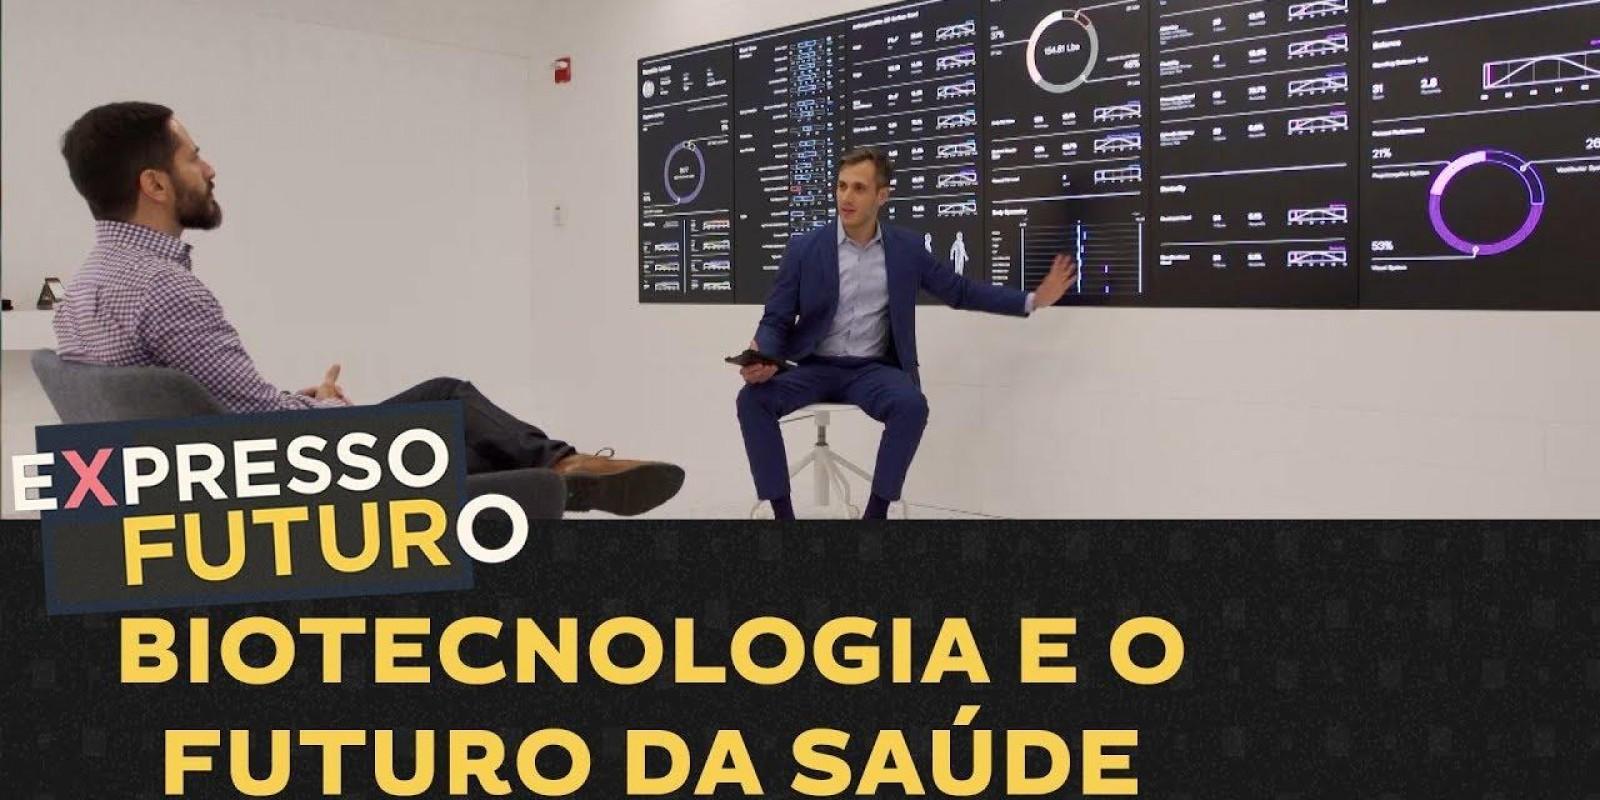 Biotecnologia E O Futuro Da Saúde   Expresso Futuro Com Ronaldo Lemos